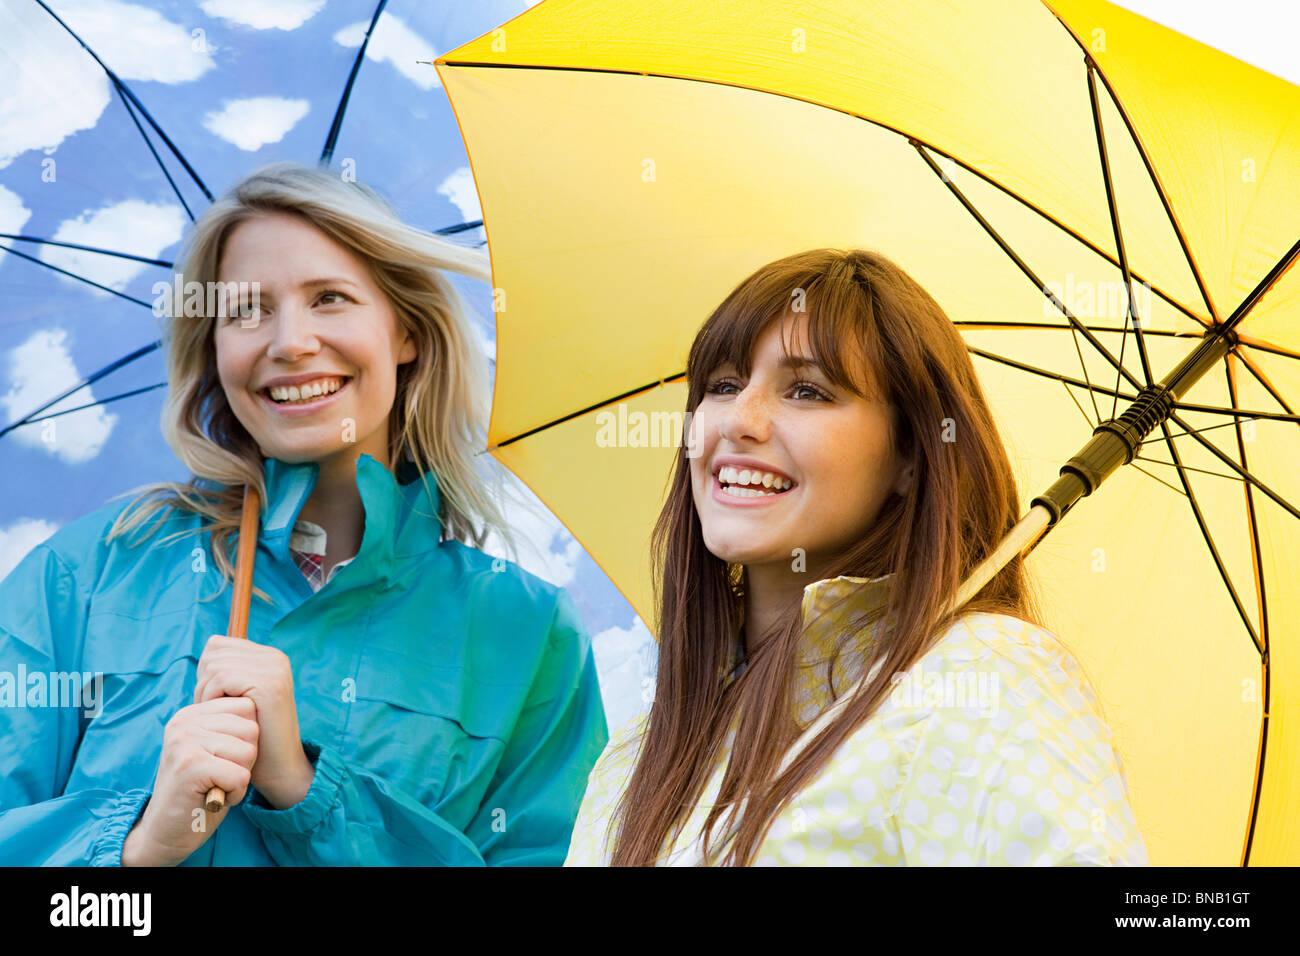 Dos mujeres jóvenes con sombrillas Imagen De Stock